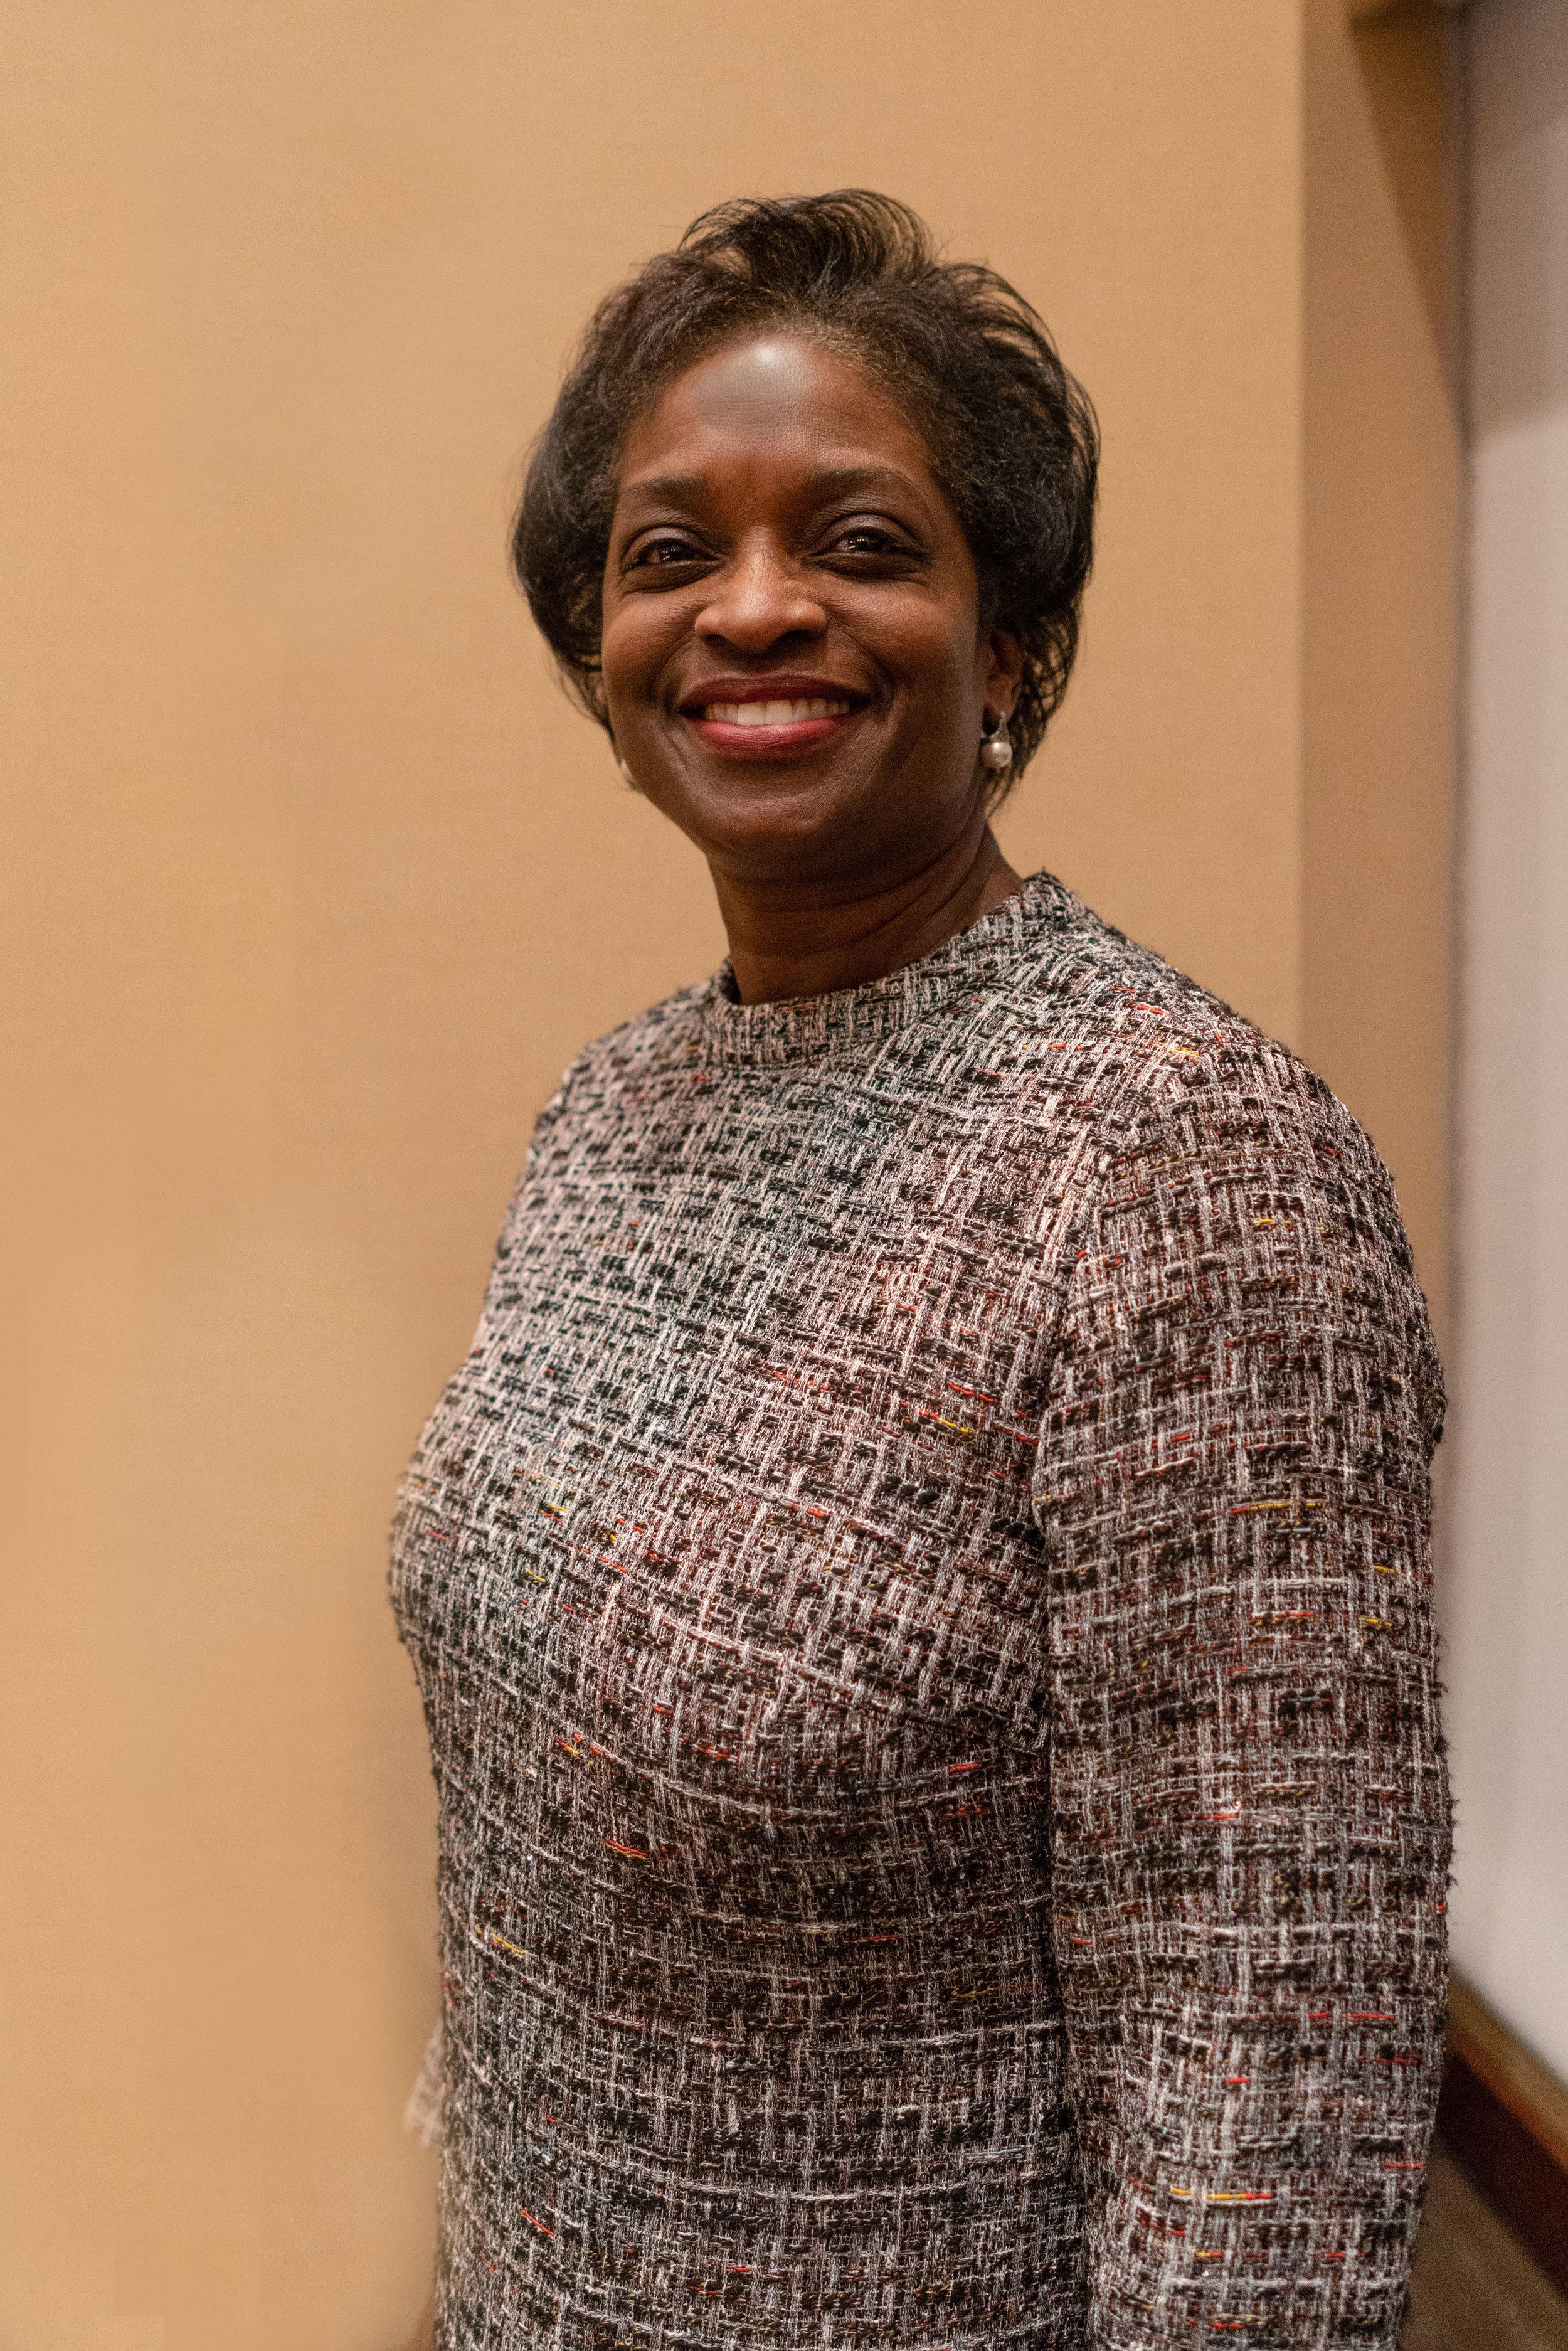 Mignon Clyburn (FCC Commissioner)